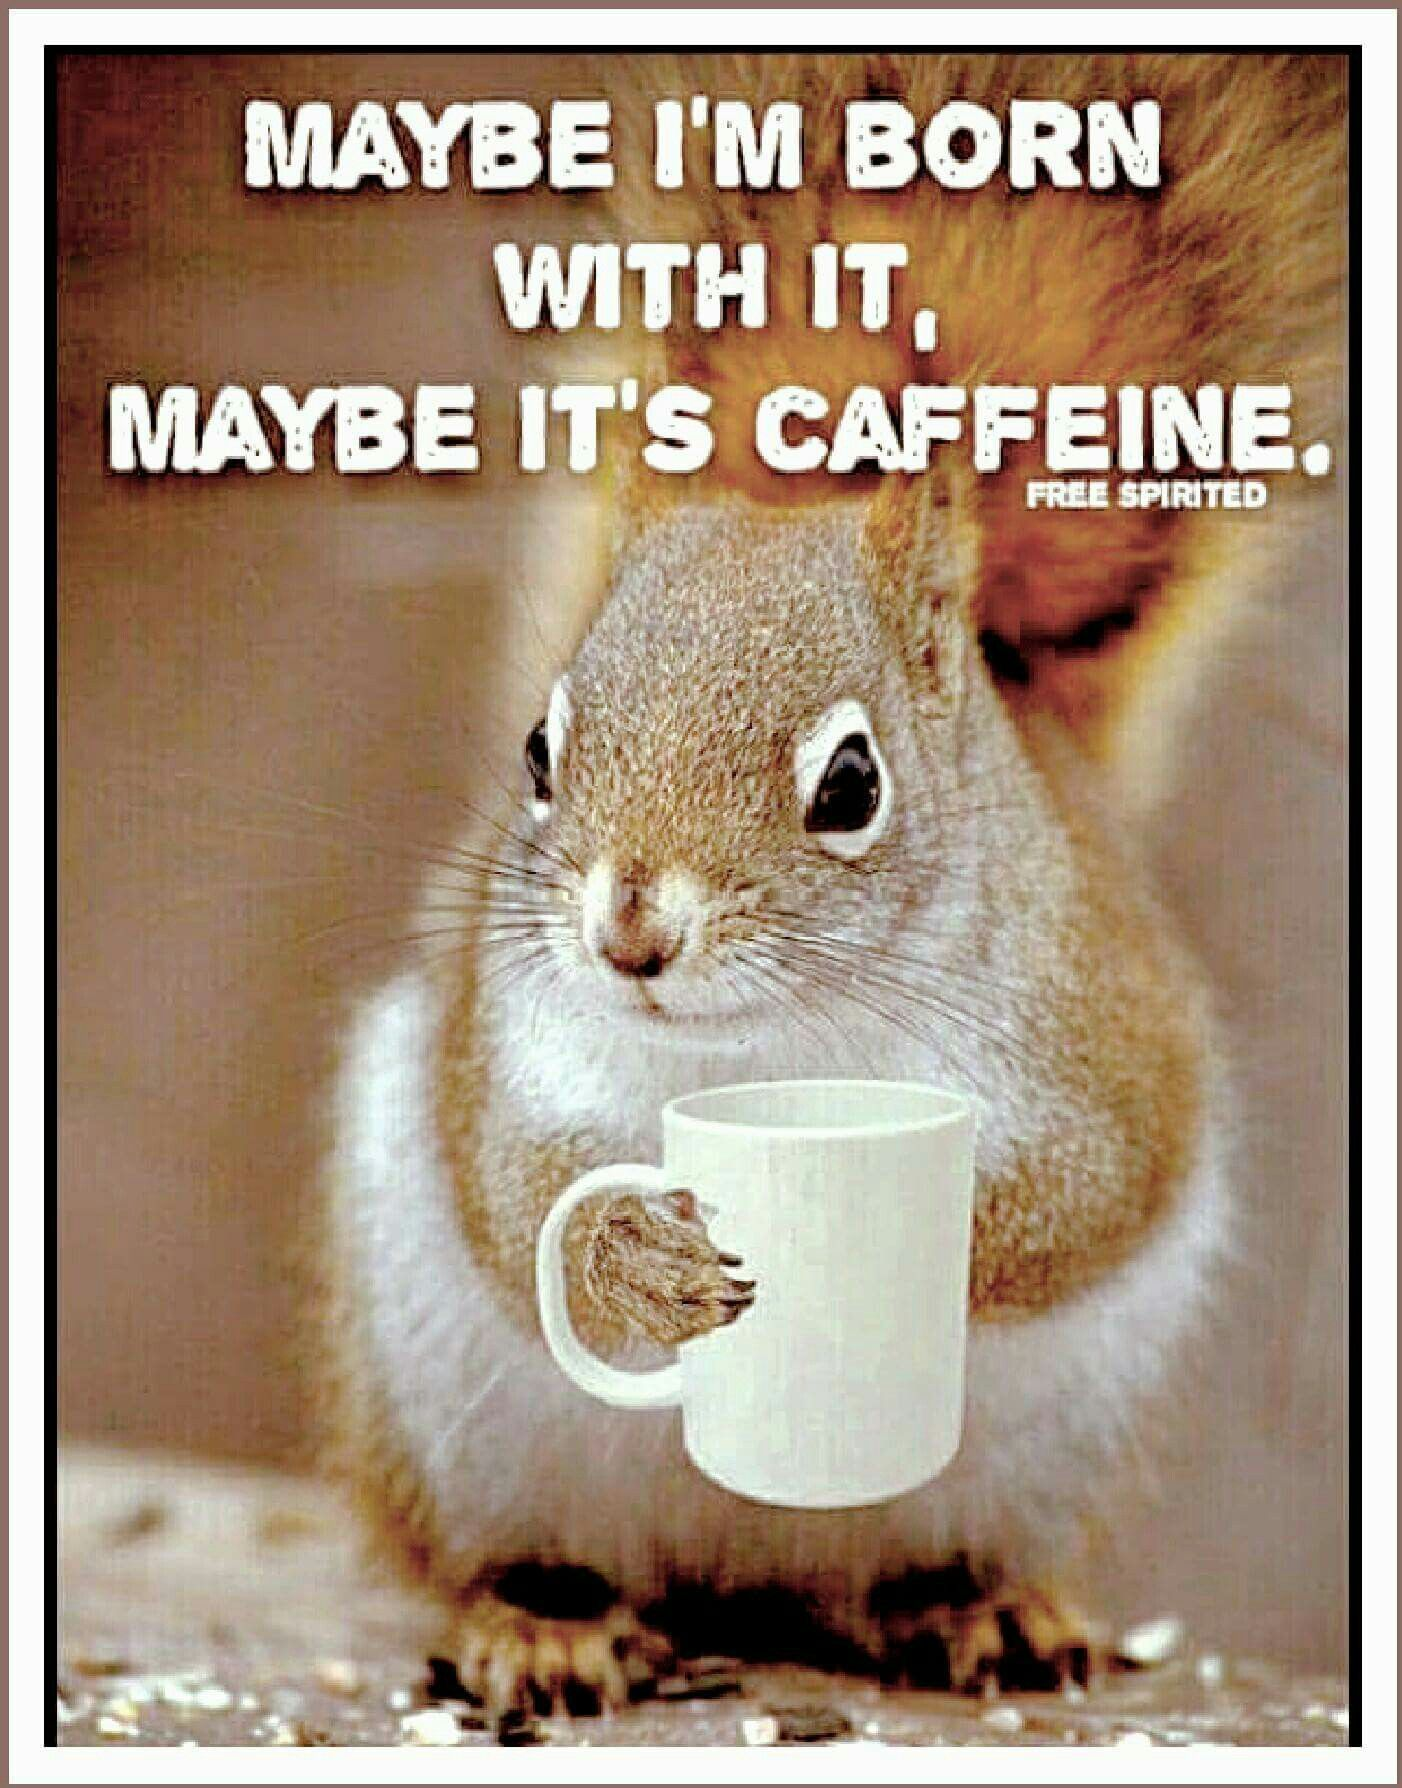 Pin by Angie Renee' on Coffee | Coffee meme, Coffee, Coffee humor #iLoveCoffee